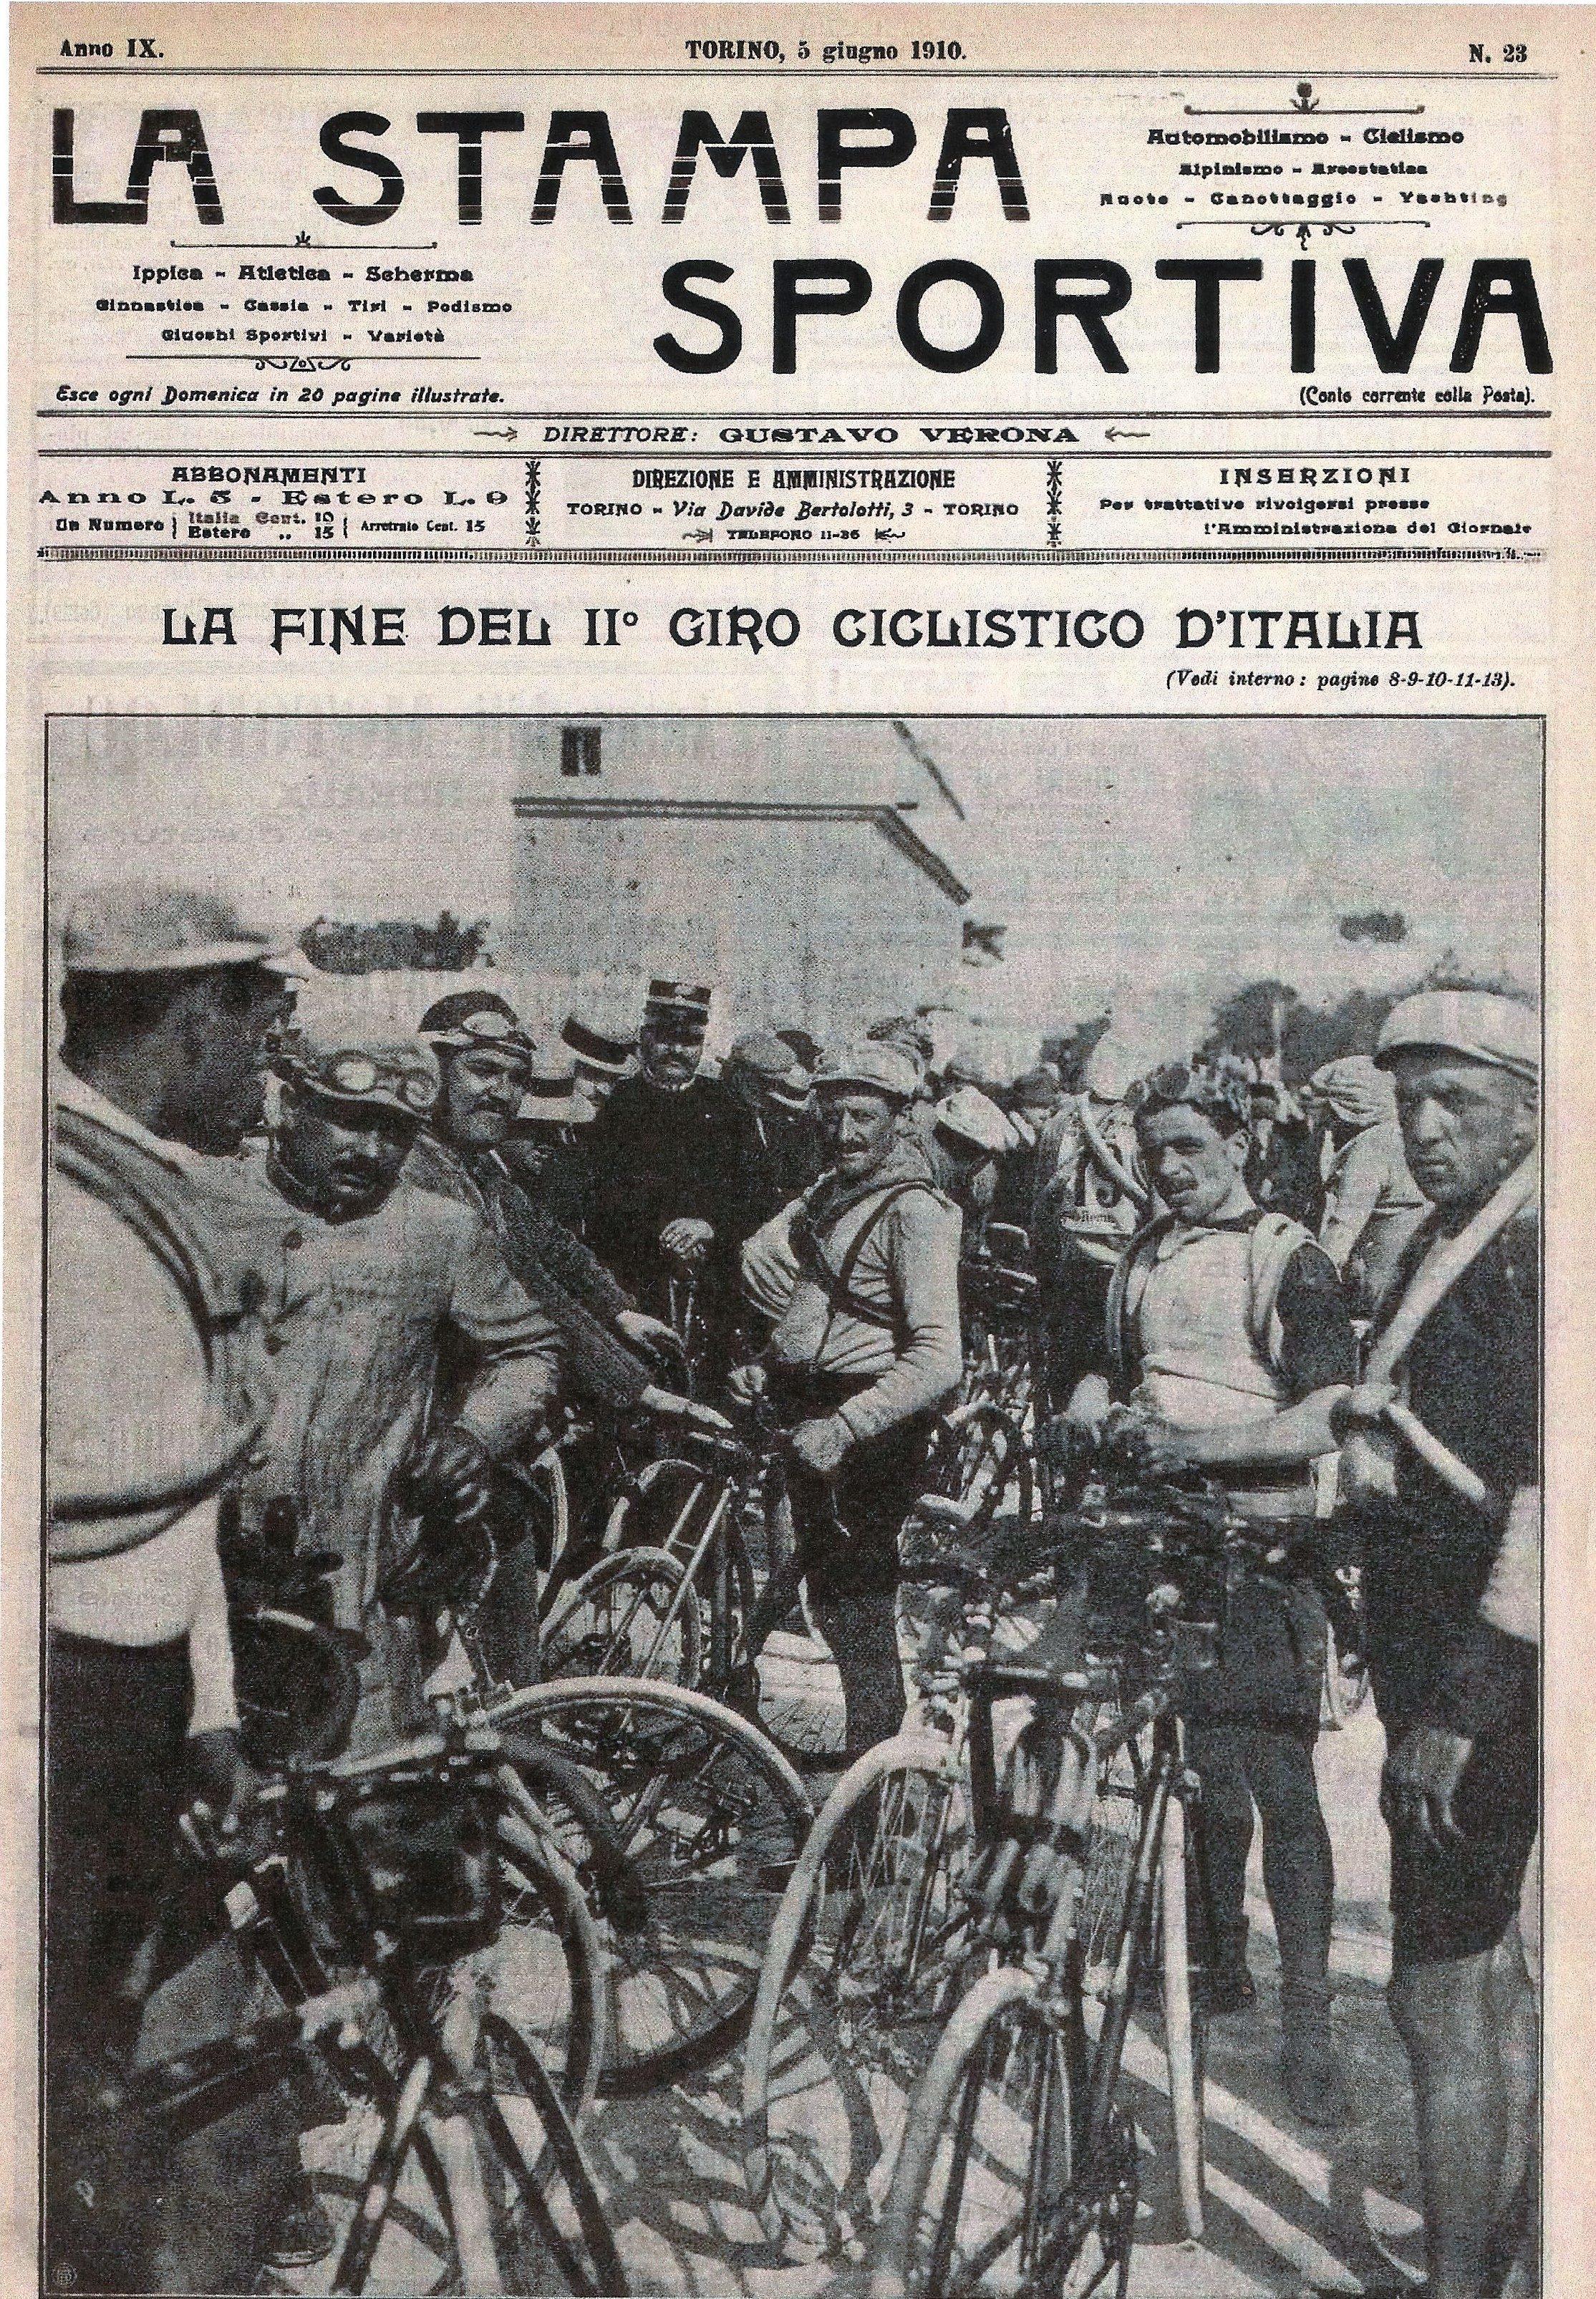 1910 - La copertina de La Stampa Sportiva dedicata al vincitore del Giro d'Italia.